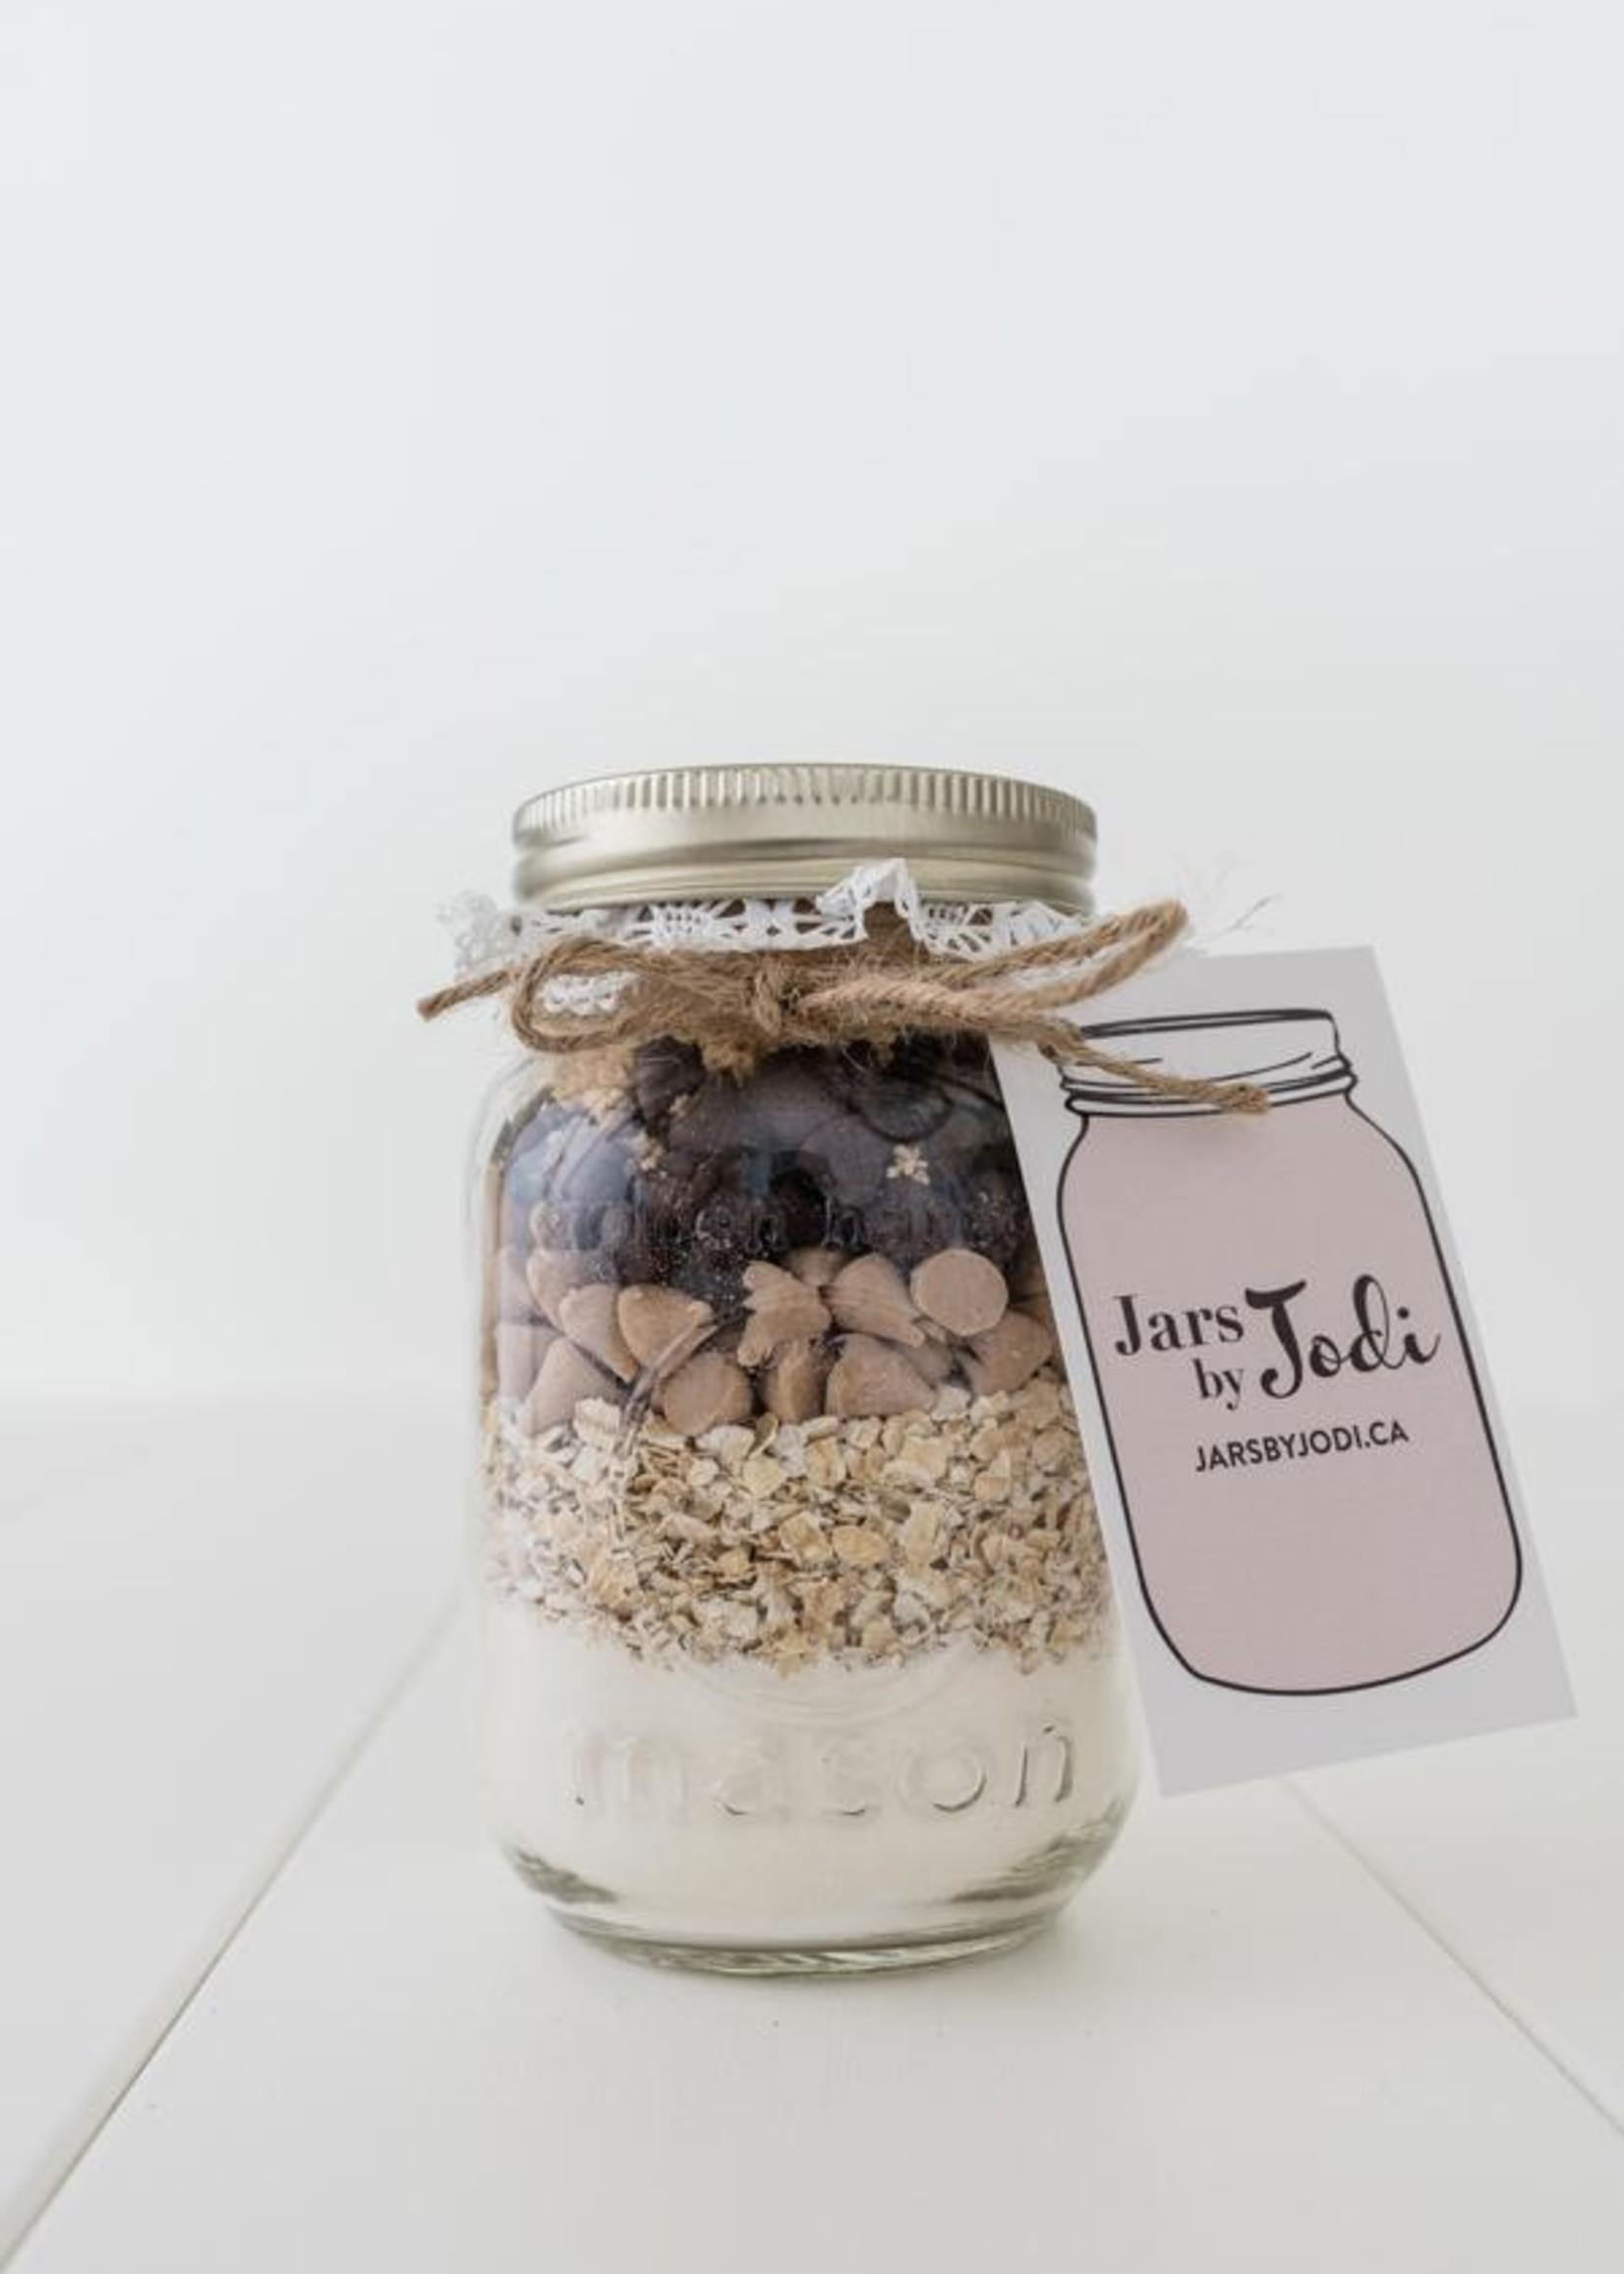 Jars By Jodi Sea Salt Caramel Cookies | Mini